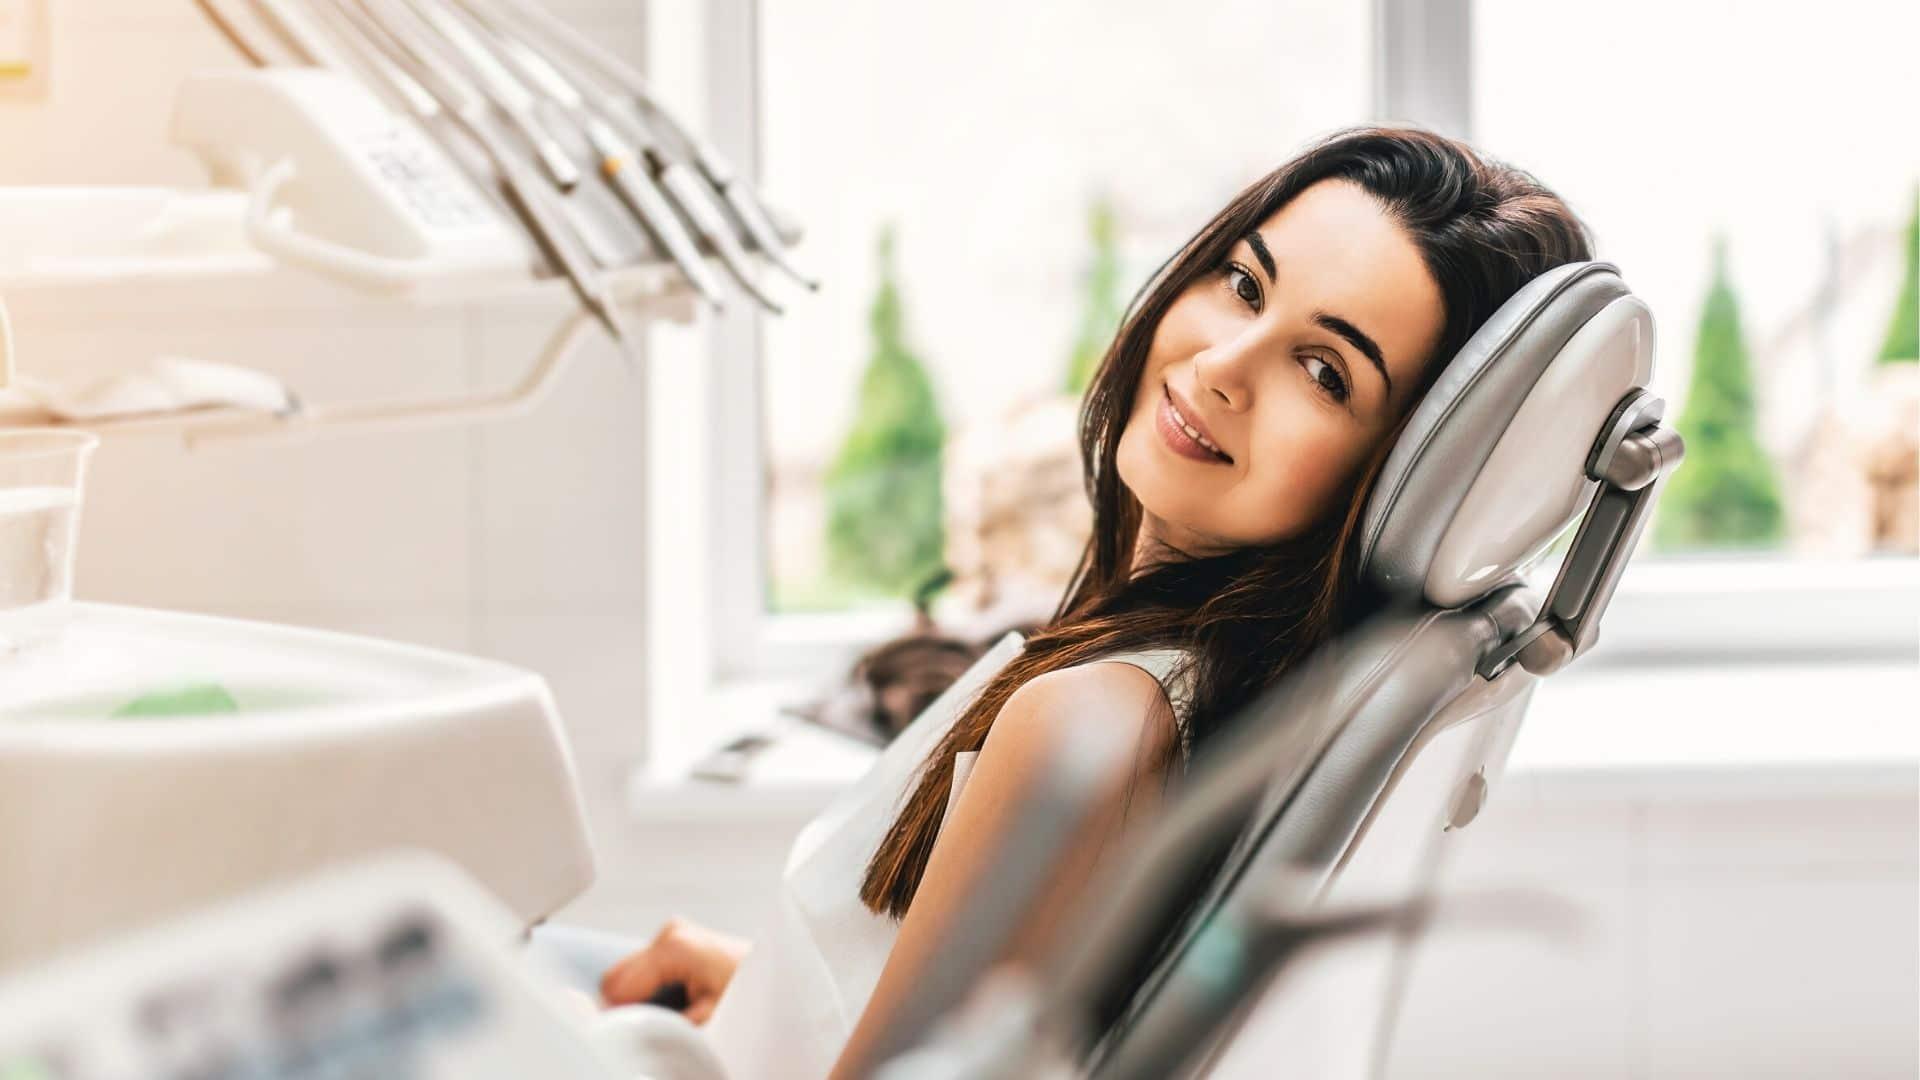 seguros dentales mujer en asiento de la clínica dental